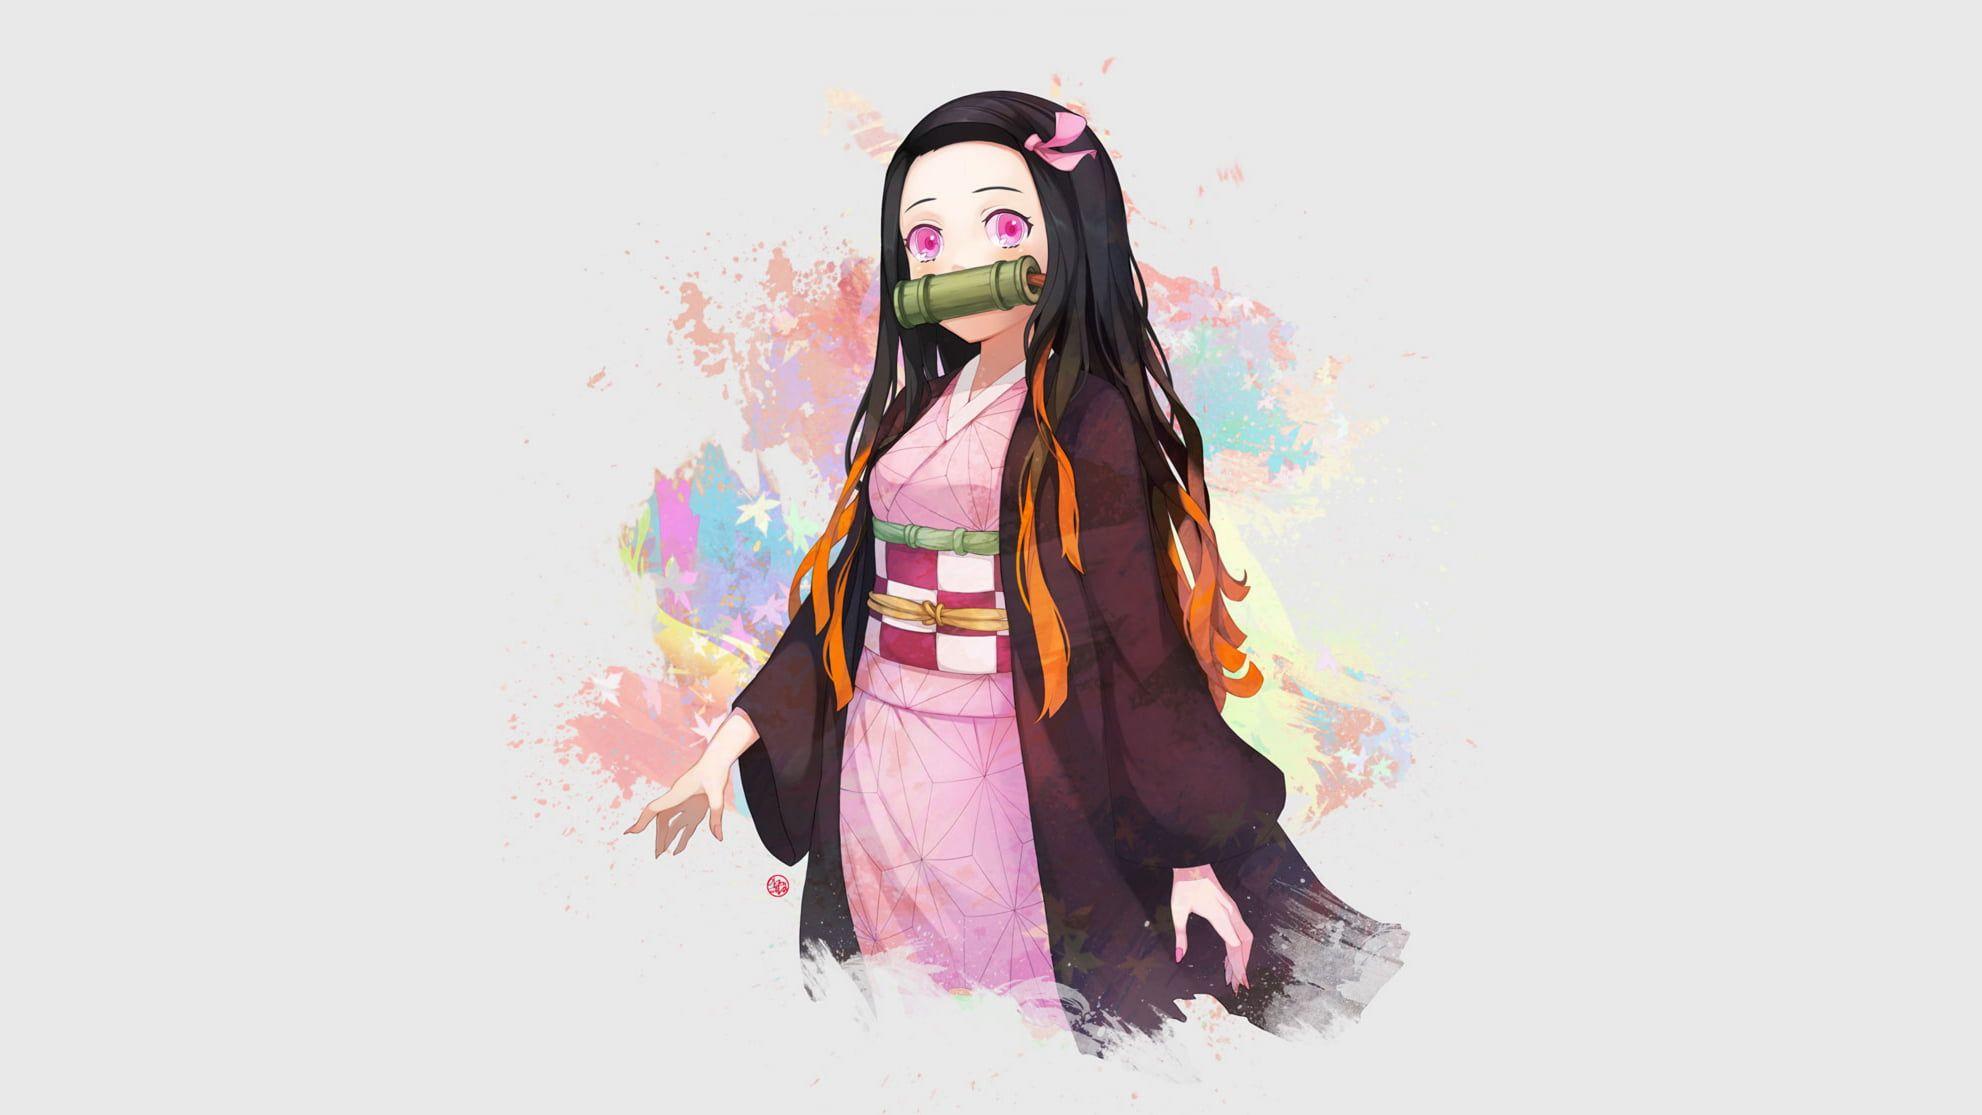 Kamado Nezuko Kimetsu no Yaiba manga anime anime girls